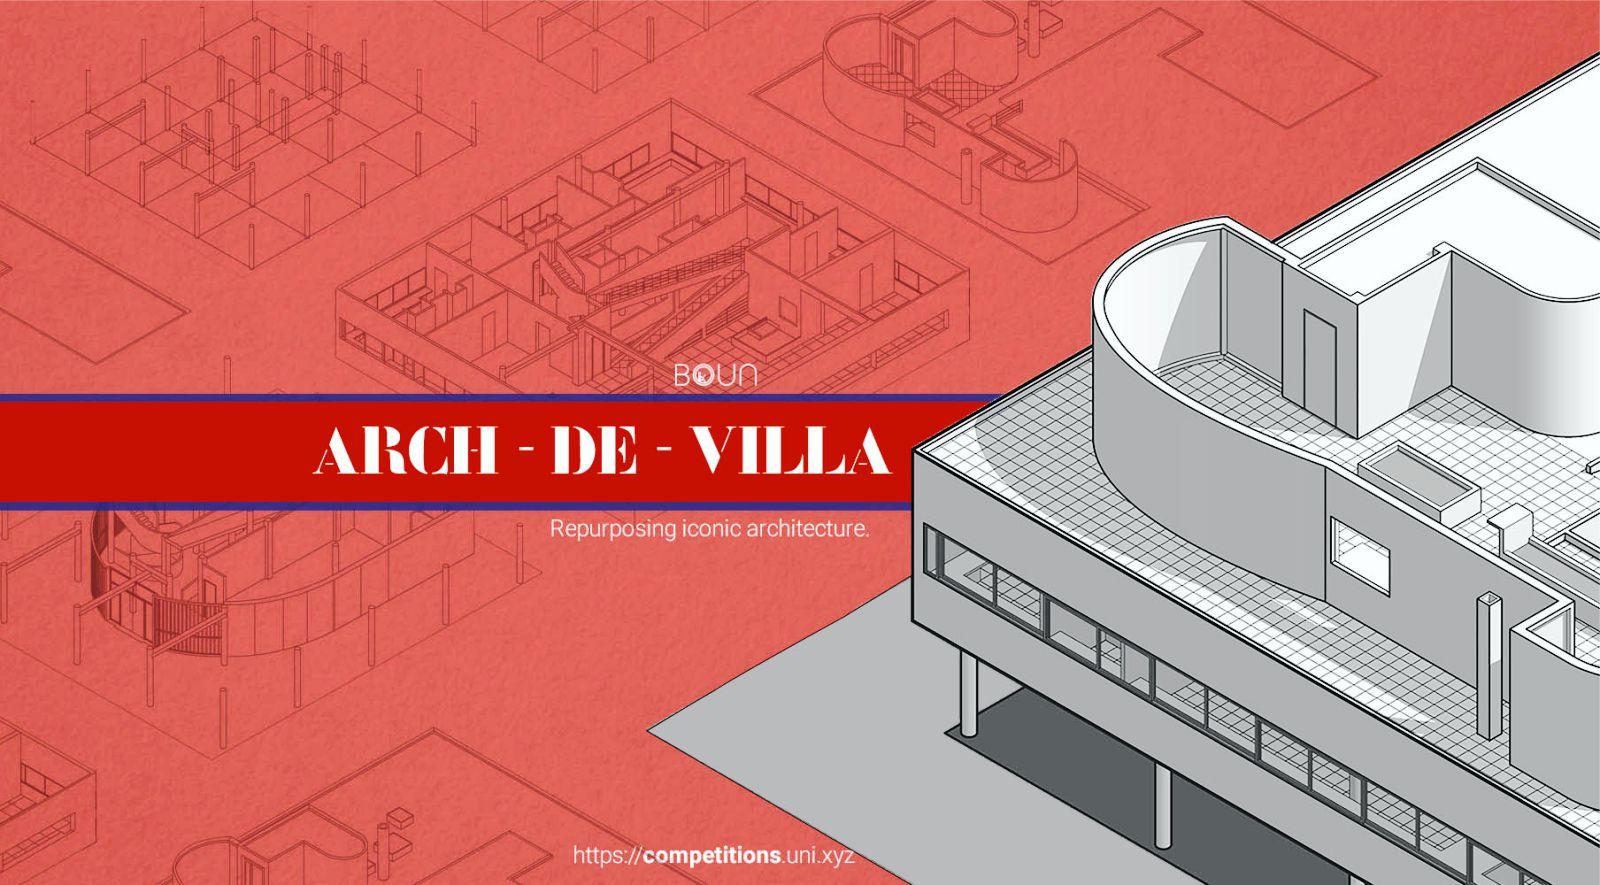 Arch-de-Villa